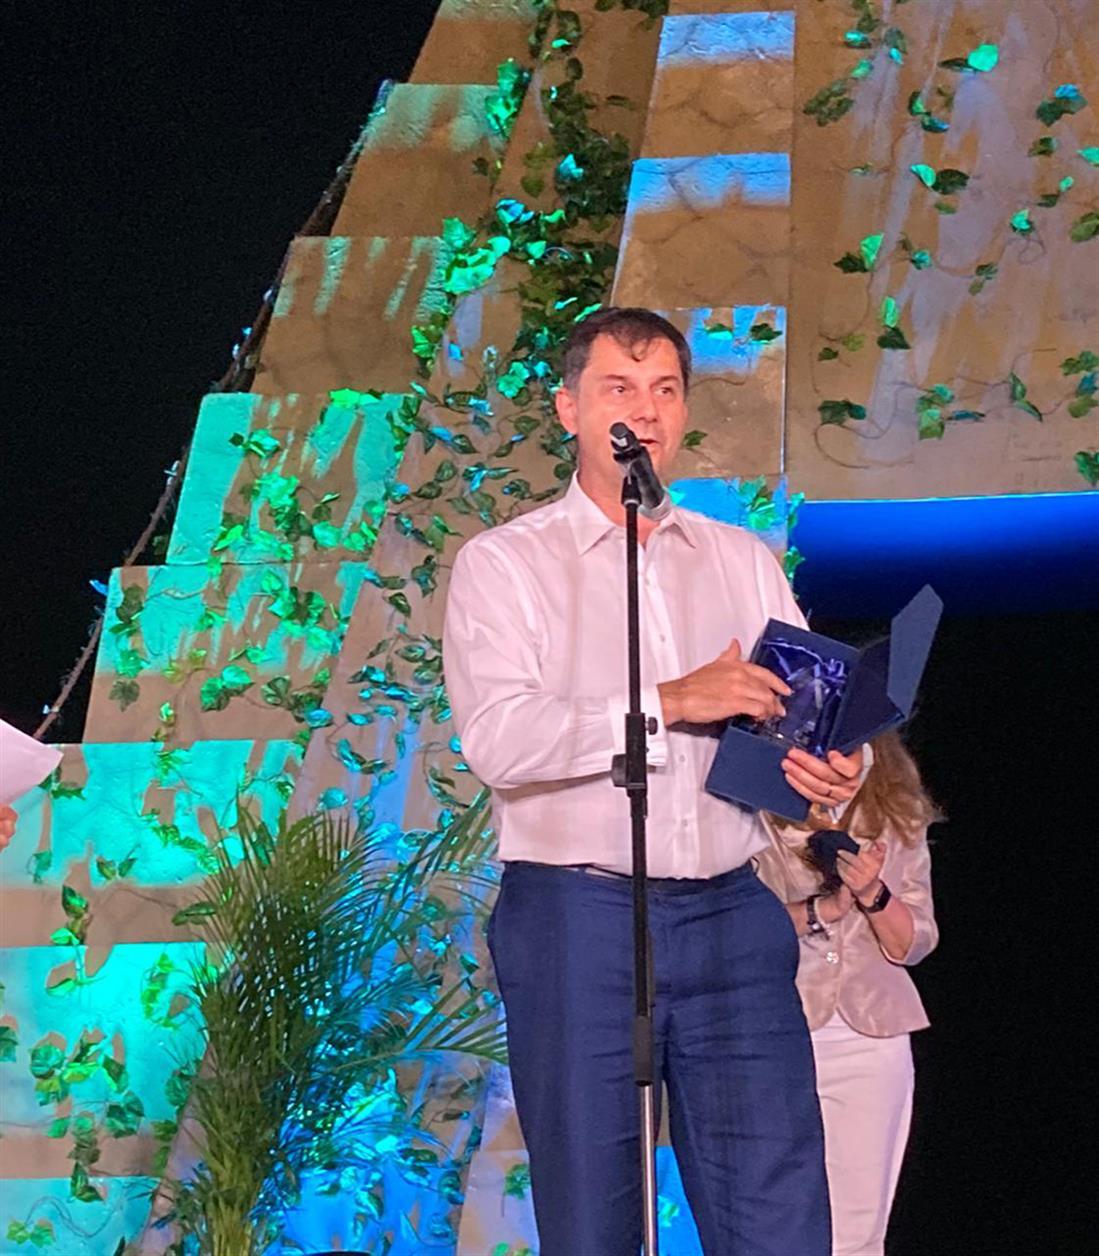 Βραβείο - Global Champion Award for COVID-19 Crisis Management - Χάρης Θεοχάρης - WTCC